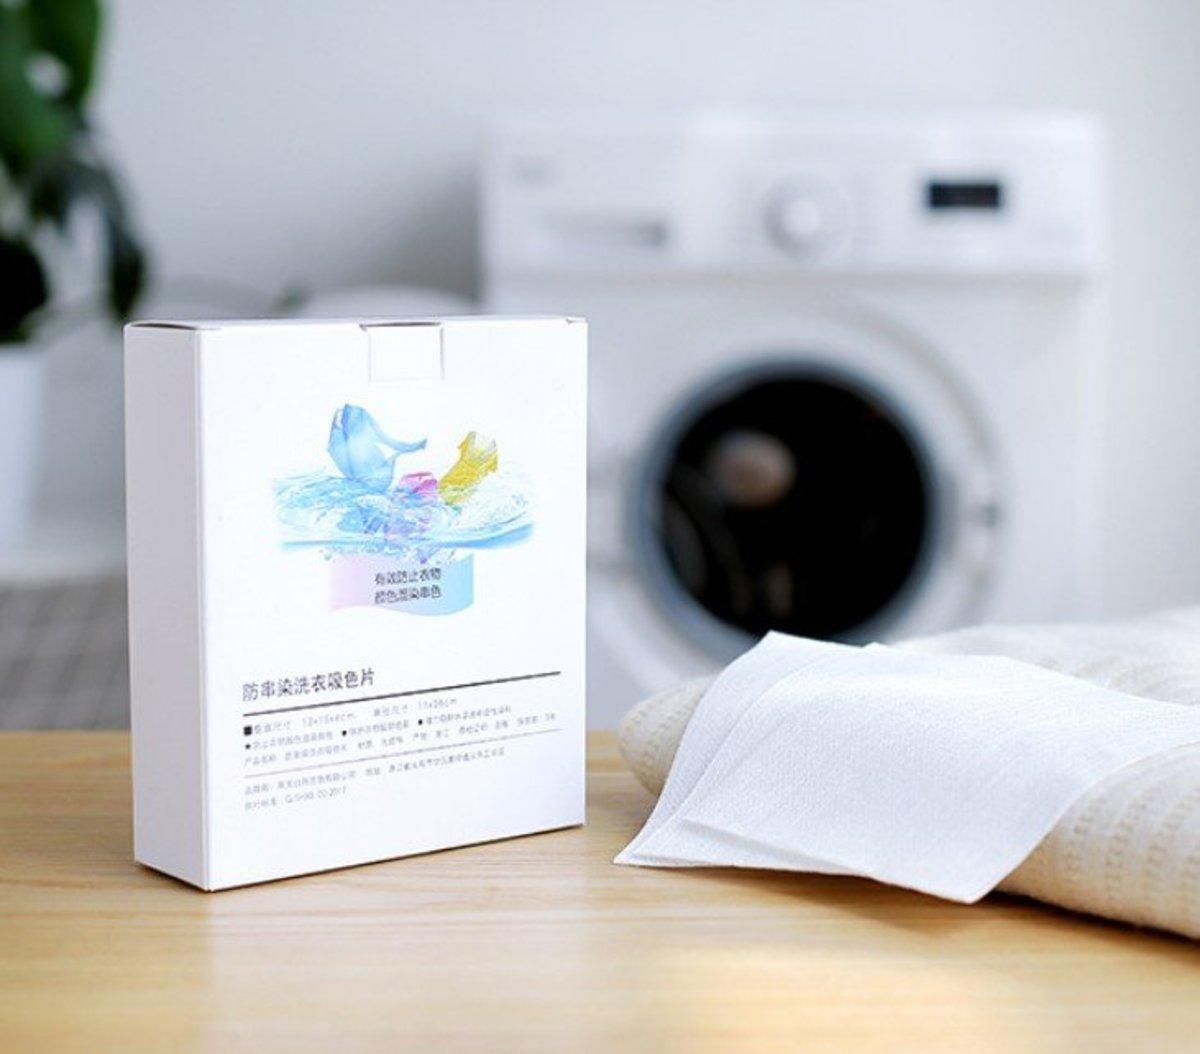 日式防串染洗衣吸色片(24片) 彩漂片/洗衫吸色片_A4